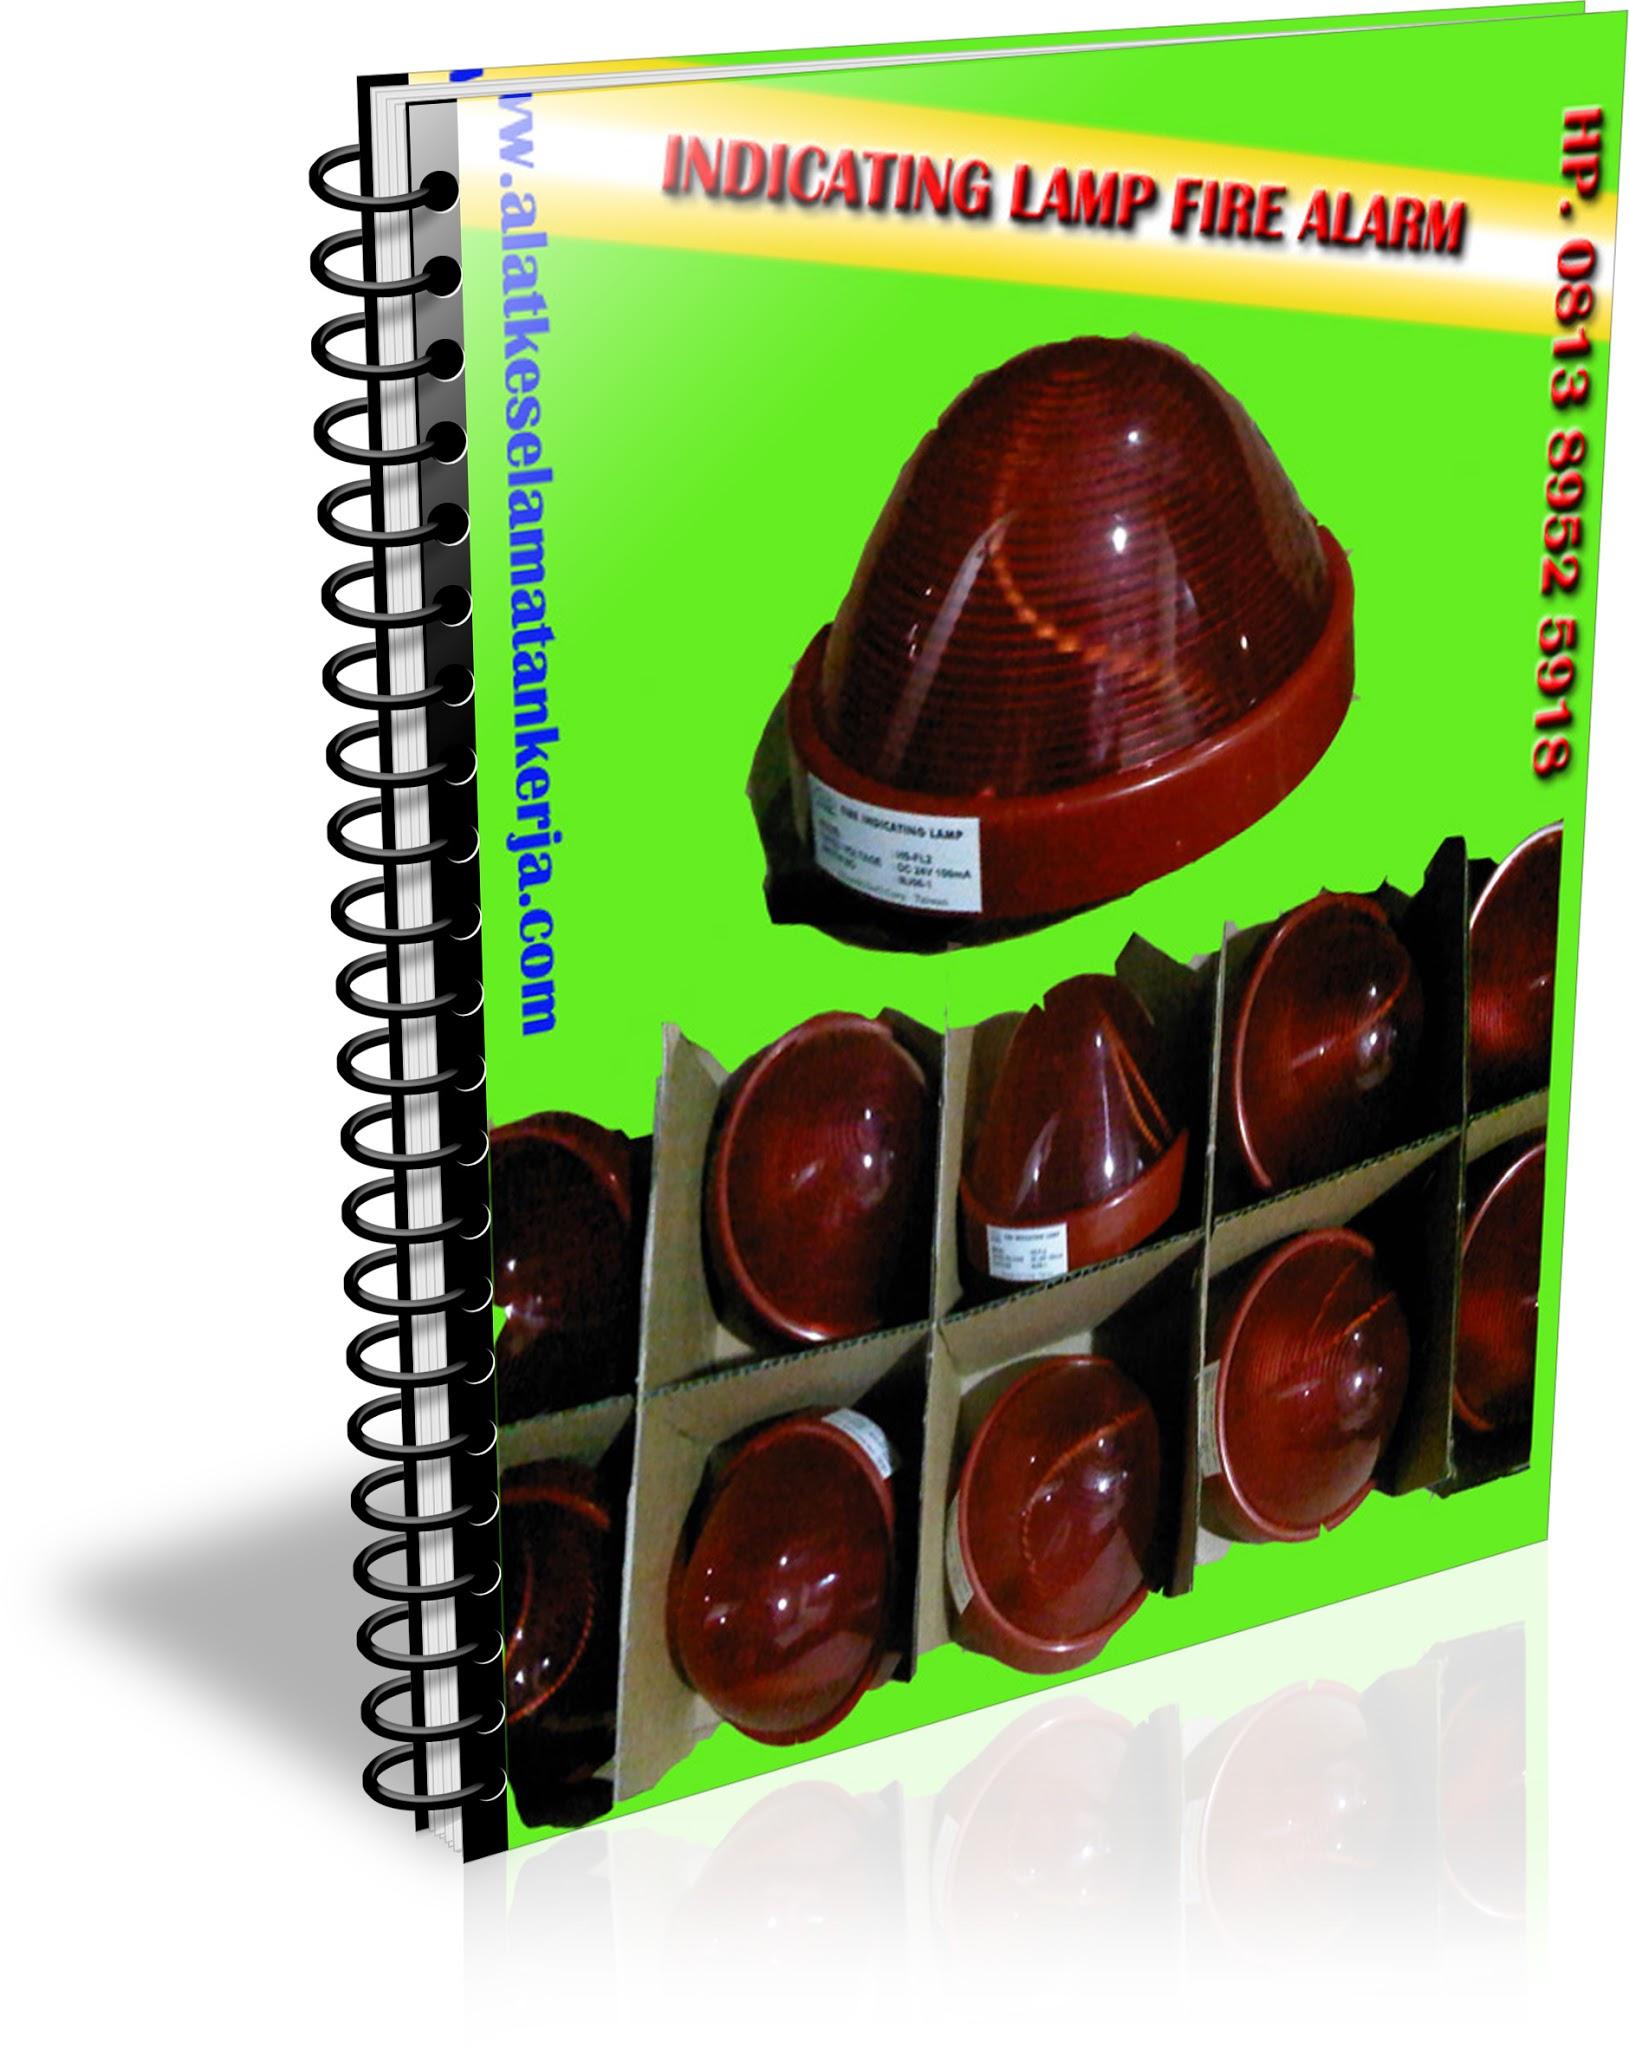 alarm, smoke detector, heat detector, alarm bell, manual break glass, indicating lamp, panel alarm, mini alarm, alarm paradox, asap